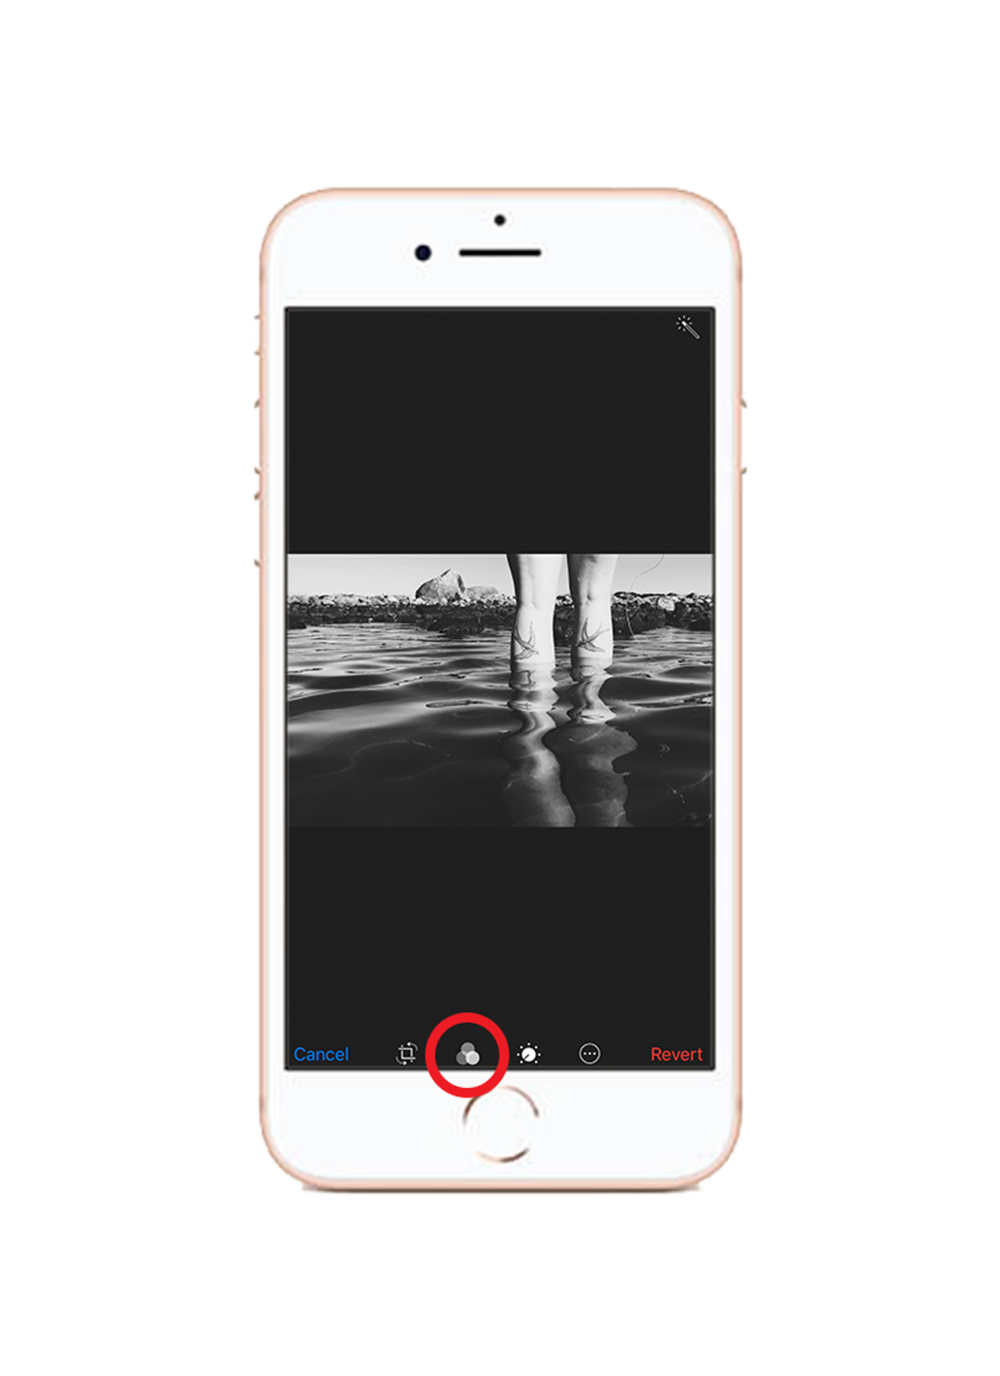 2. Filter - Gå till biblioteket för filter inne i redigeraren